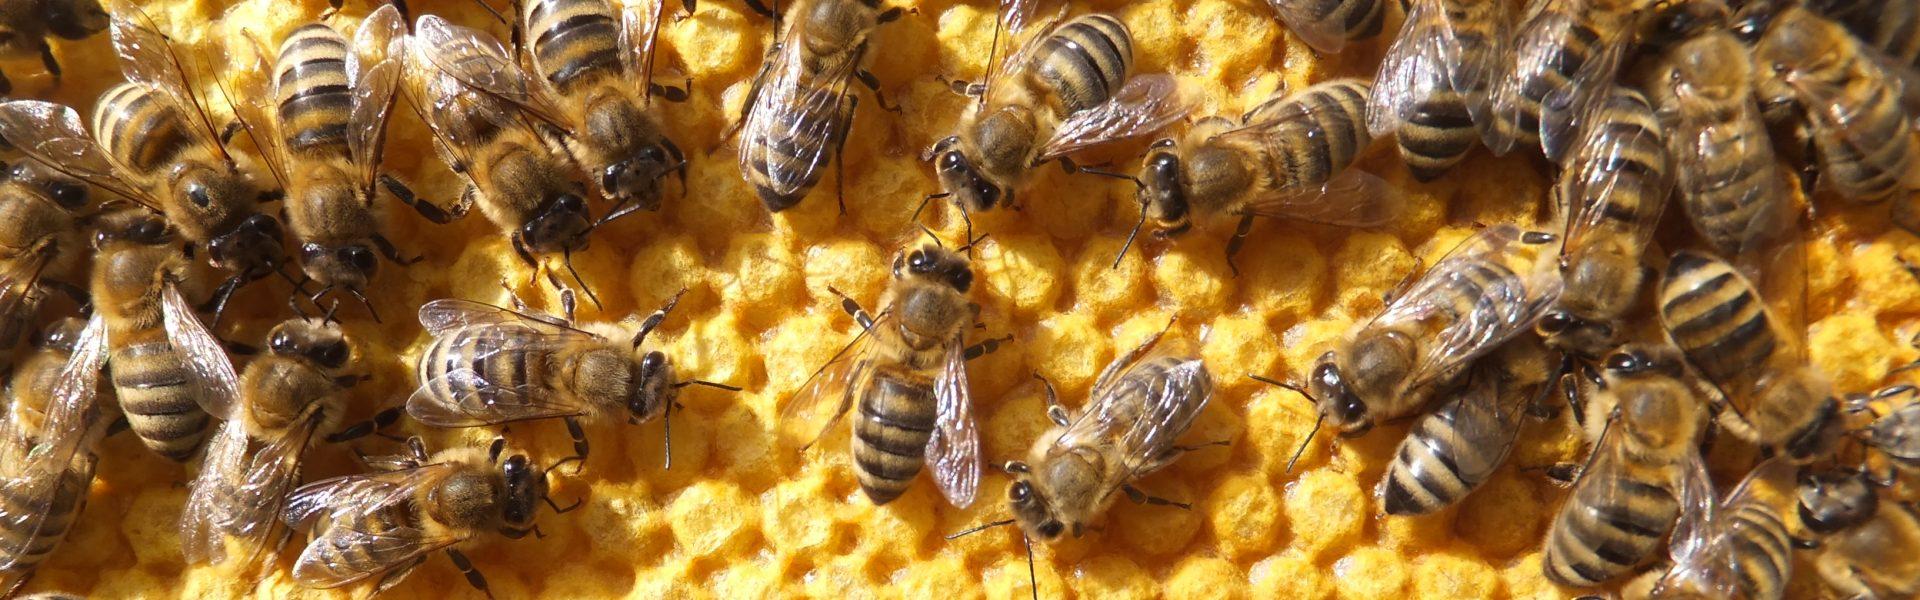 Förderverein Deutsches Bienenmuseum e.V.